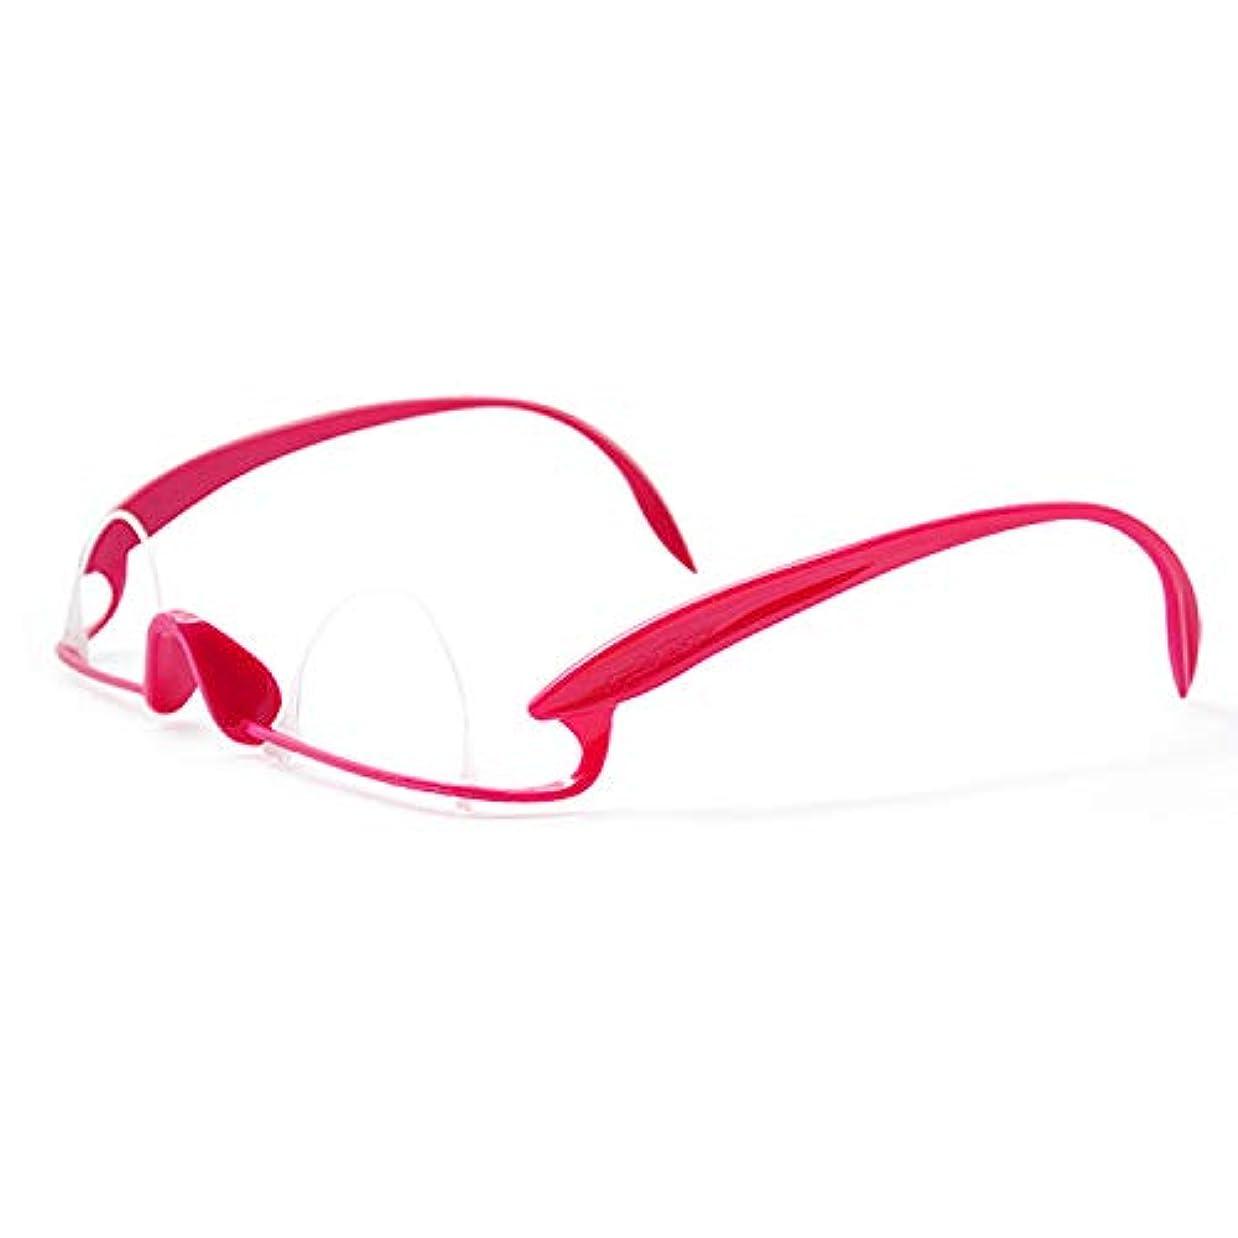 貧困使役弱い二重まぶた用メガネ 二重まぶた運動 二重まぶた形成 二重まぶた運動器 メガネトレーナー